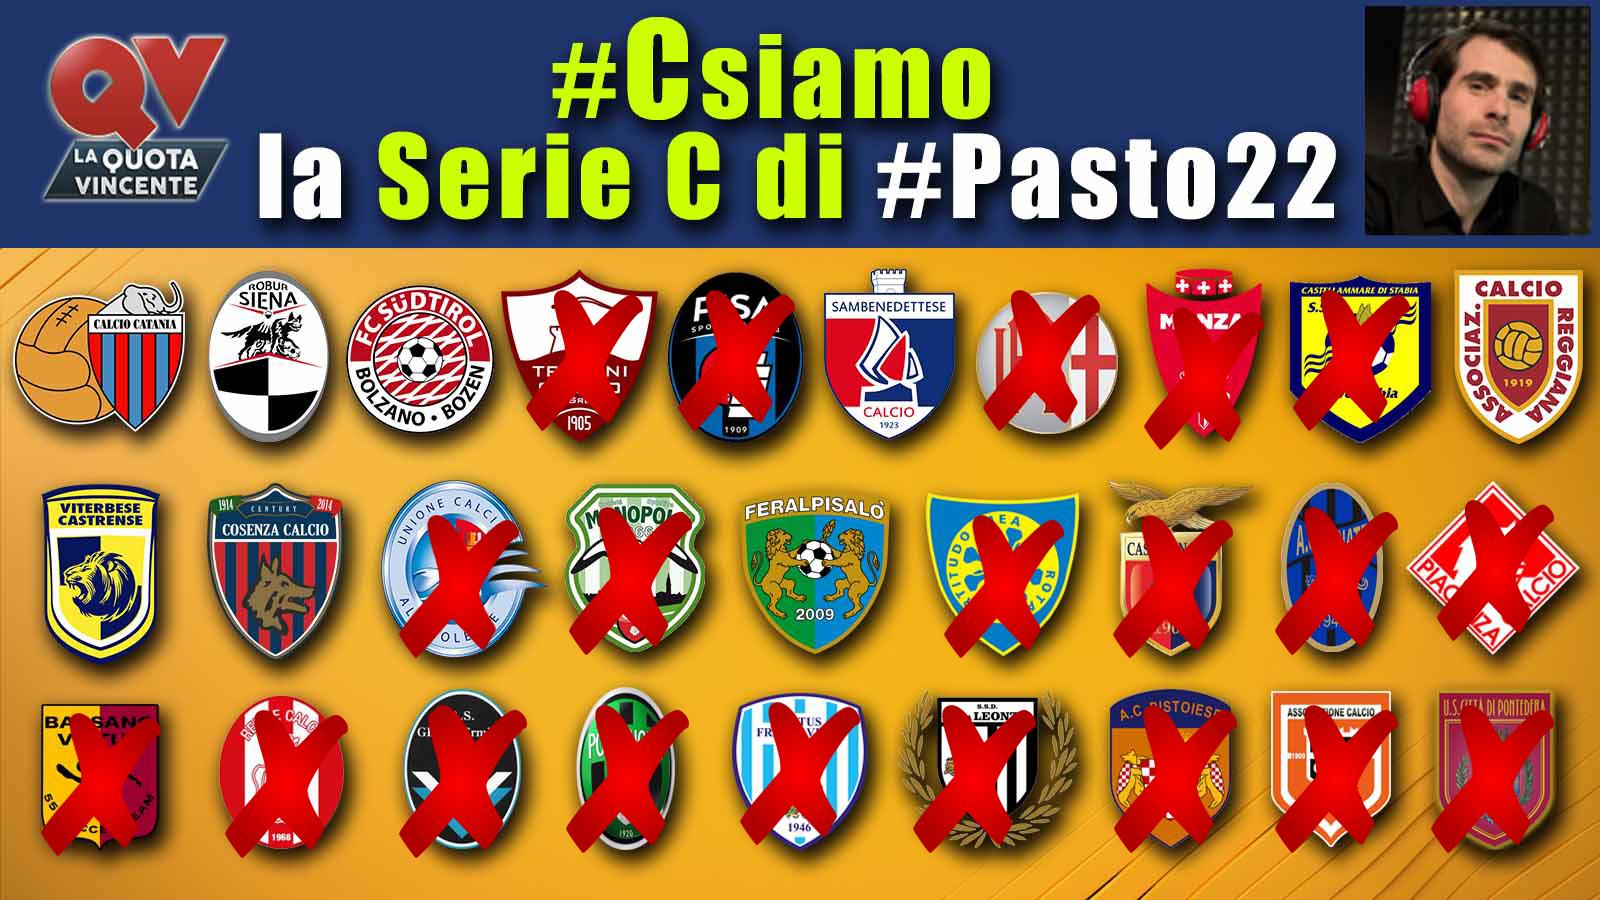 Pronostici Serie C 3 giugno: #Csiamo, il blog di #Pasto22 speciale playoff